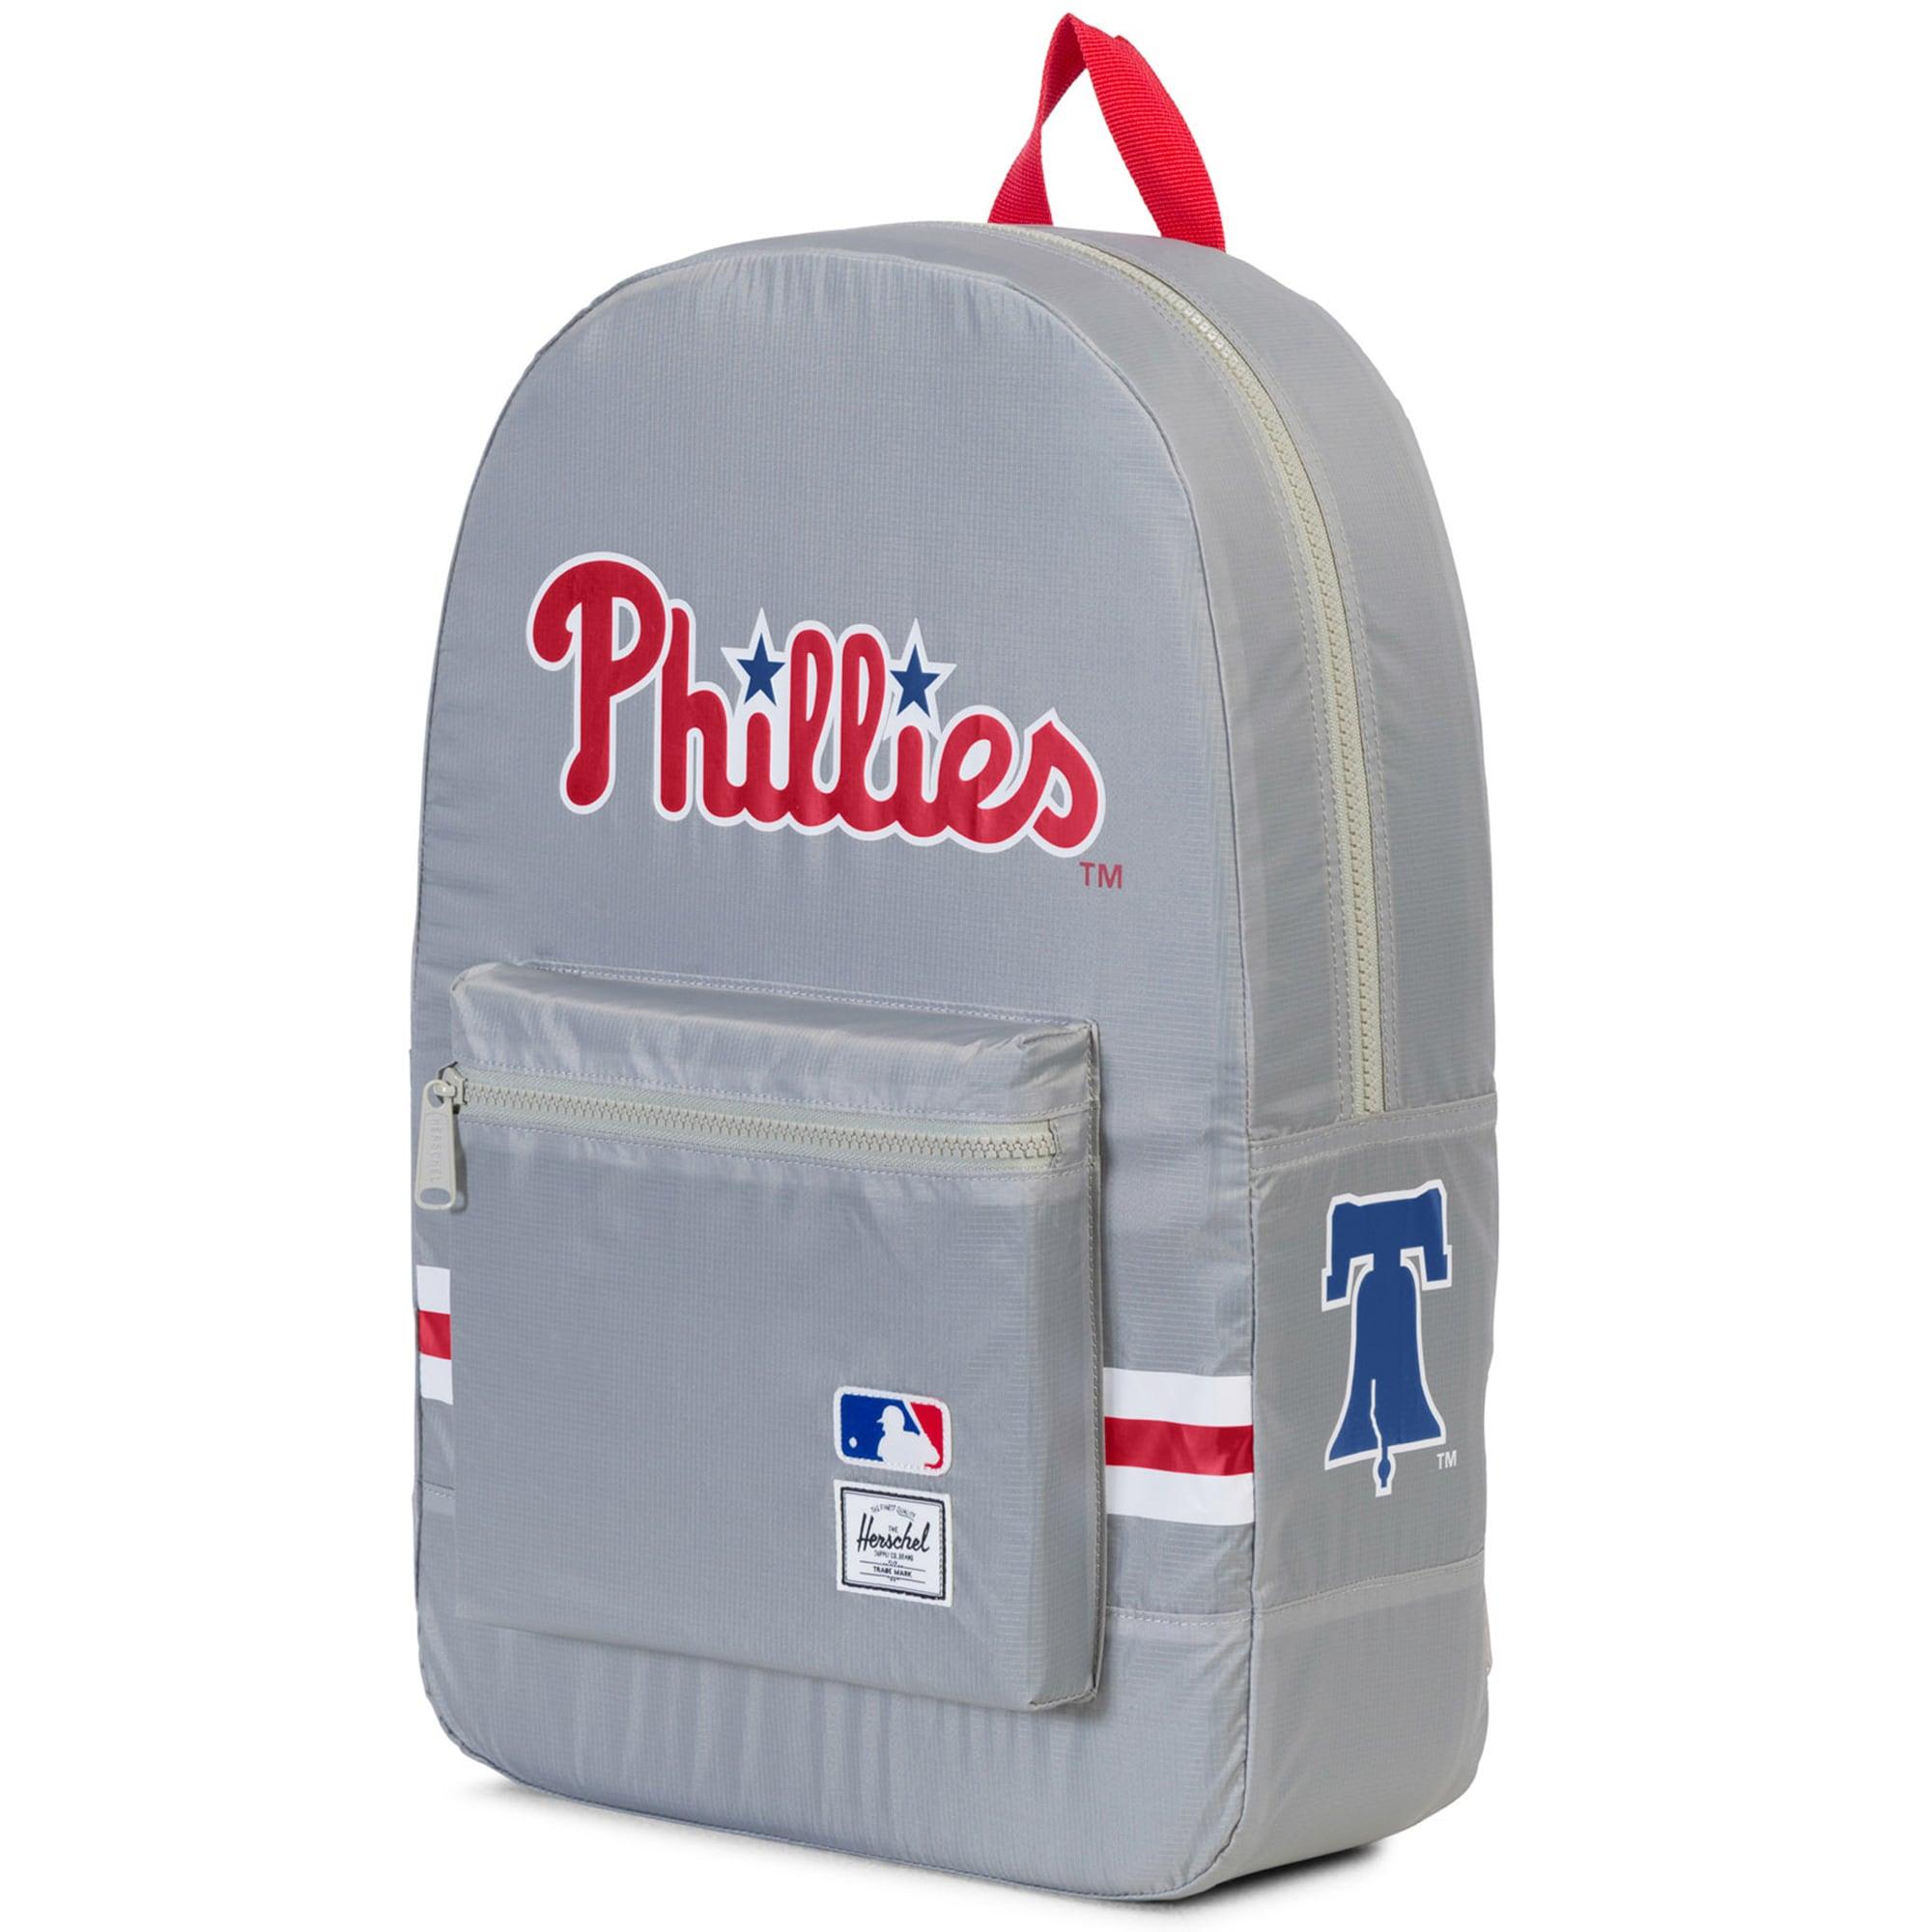 Philadelphia Phillies Herschel Supply Co. Packable Daypack